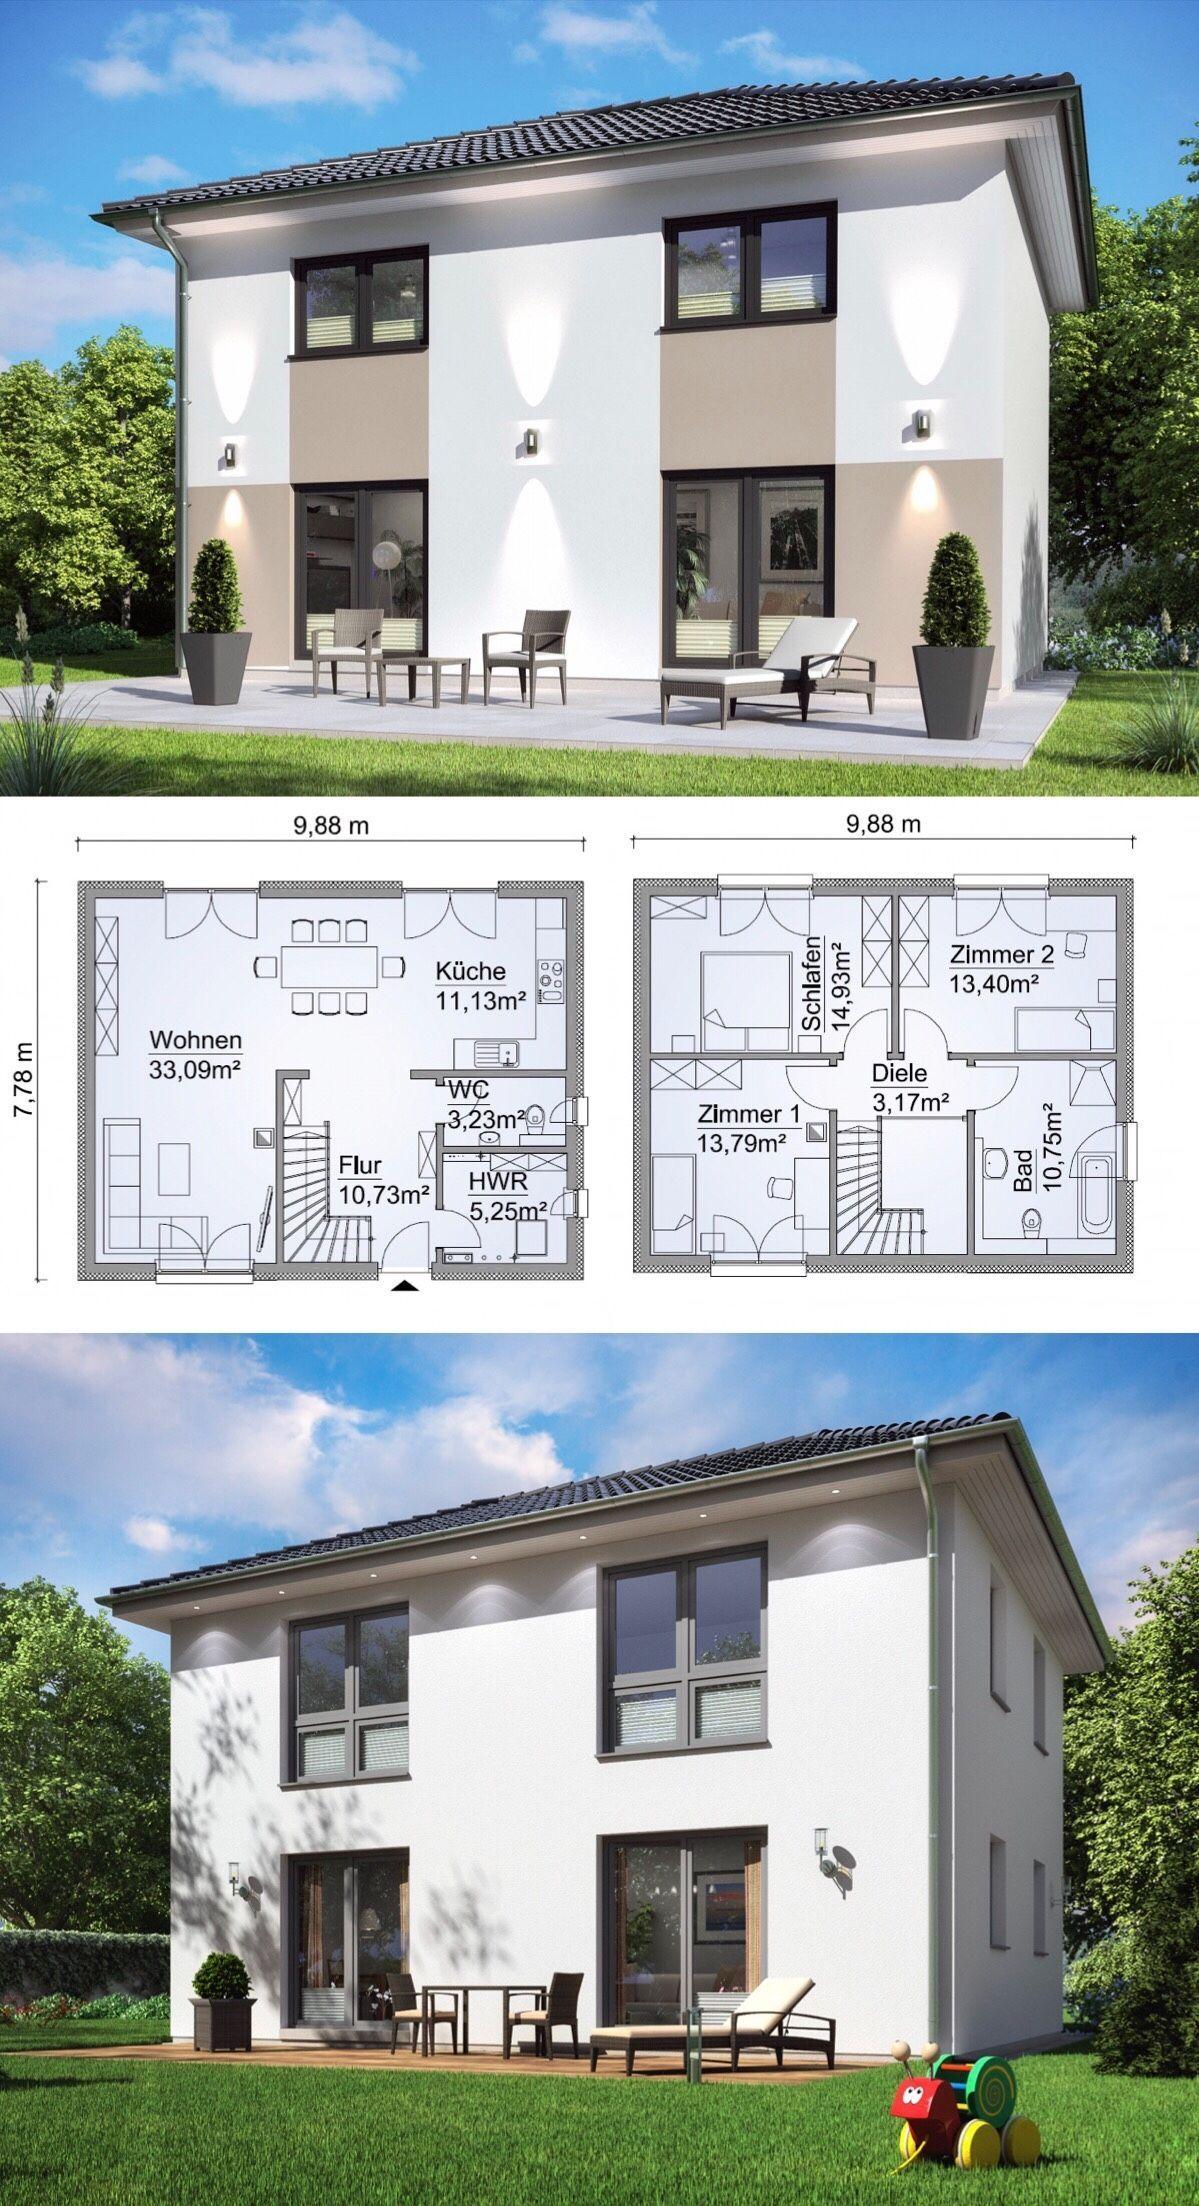 Small villa modern european style architecture design house plan  csh  variante    dream home ideas with open floor and storey layout by scanhaus also doppelhaus architektur mit walmdach  zimmer grundriss rh pinterest